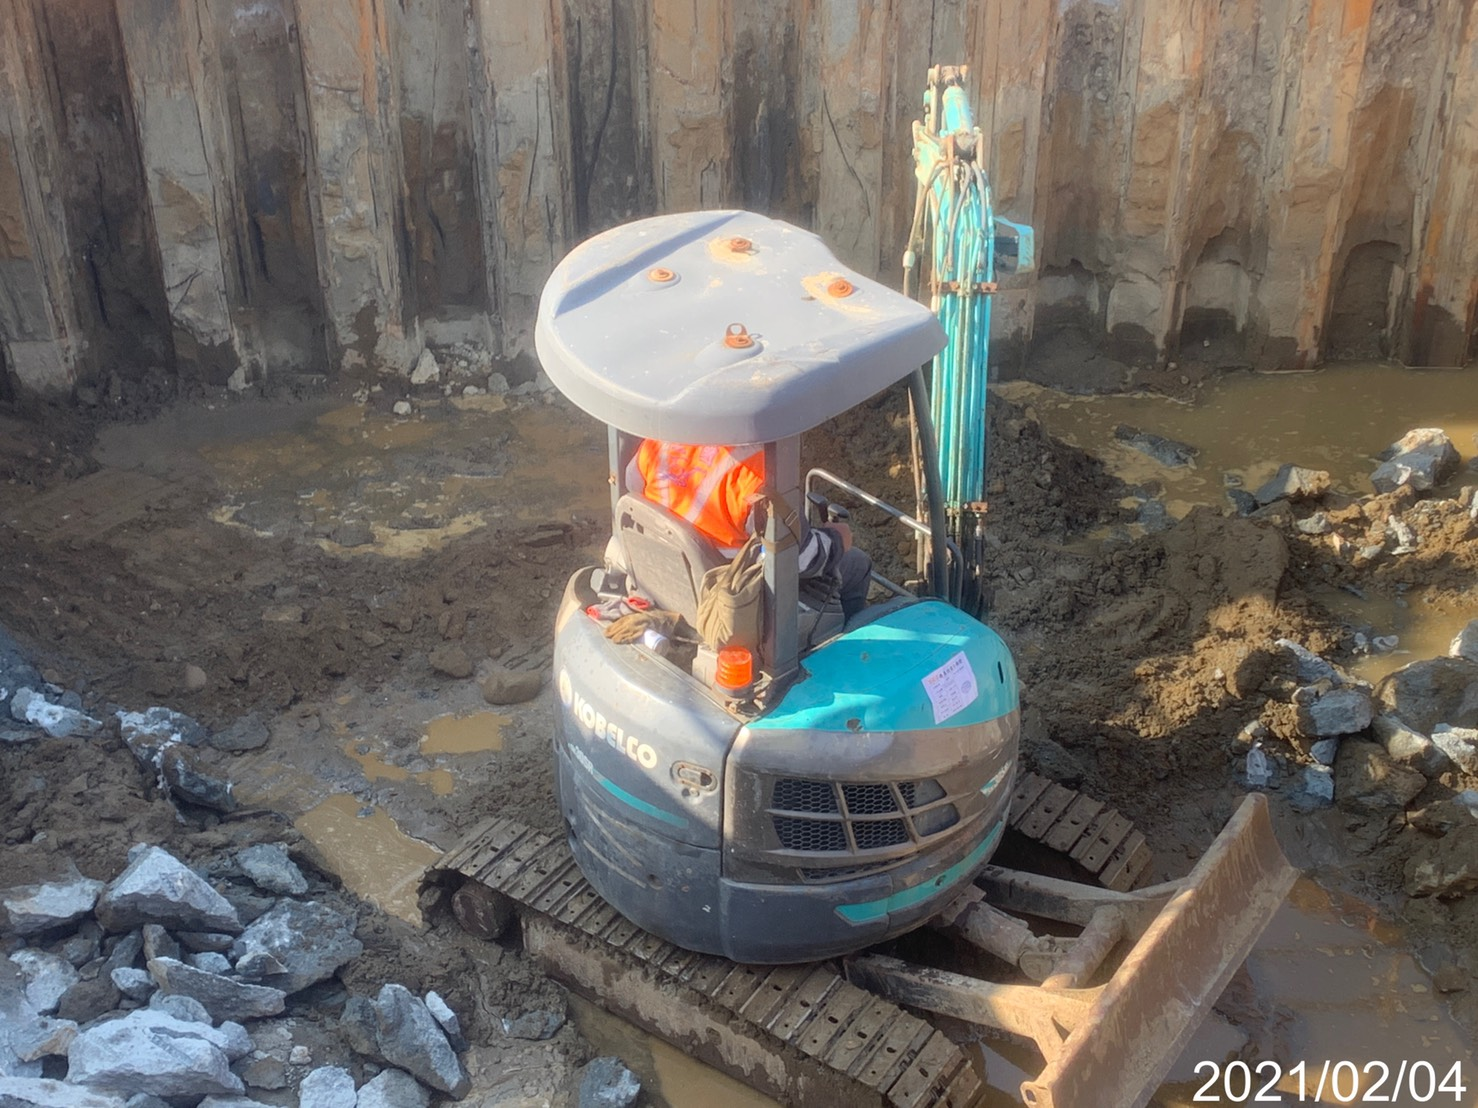 基礎內敲鑿修除樁頭劣質混凝土之作業.